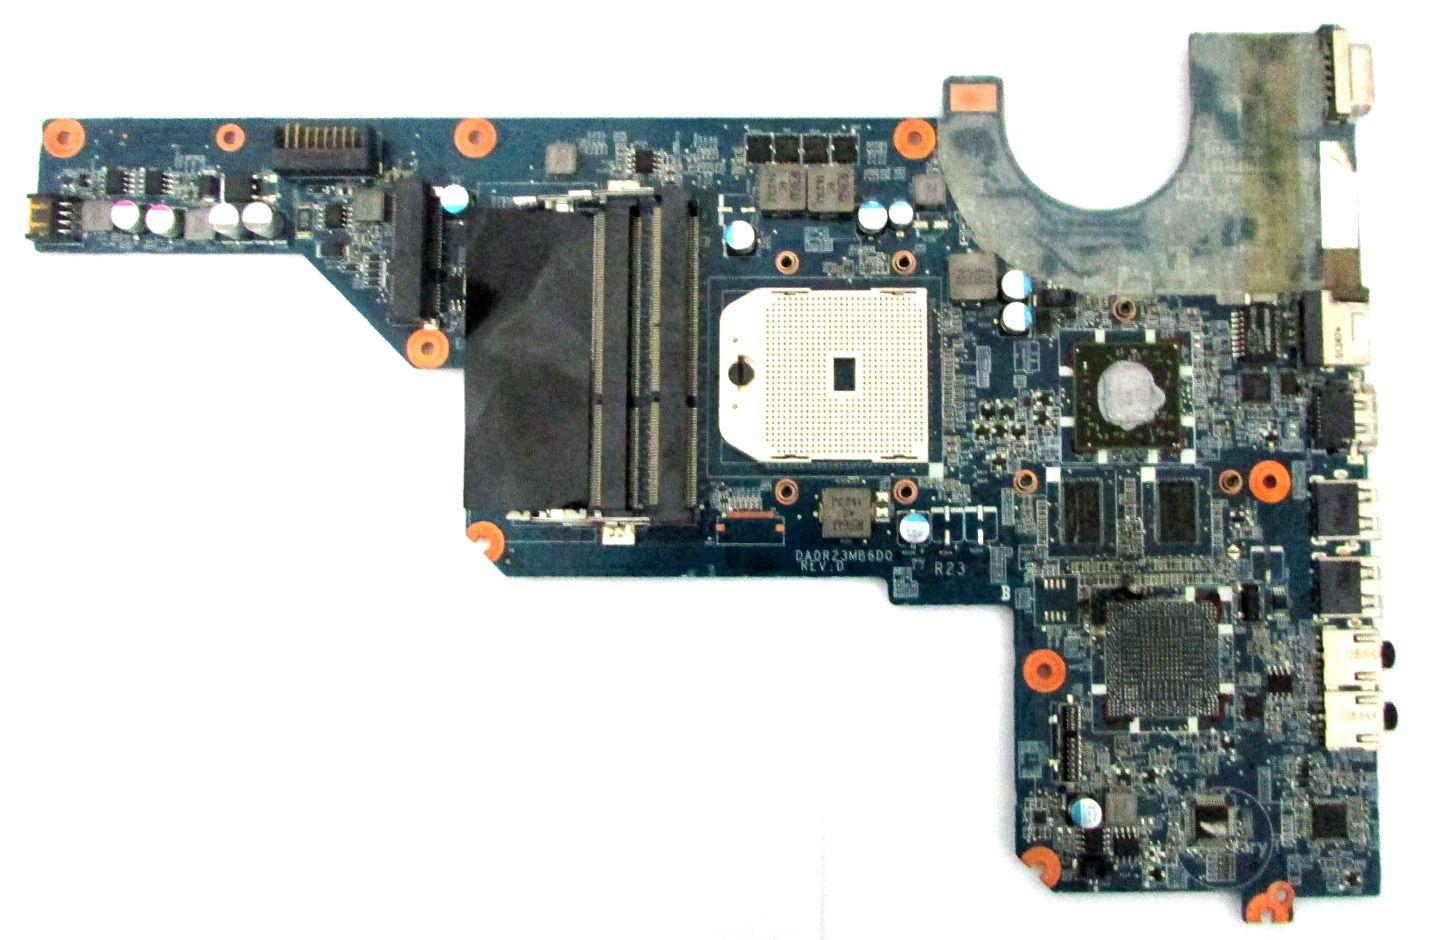 Placa Mãe Notebook HP G4 Da0r23mb6d0 (Placa C/ Defeito)